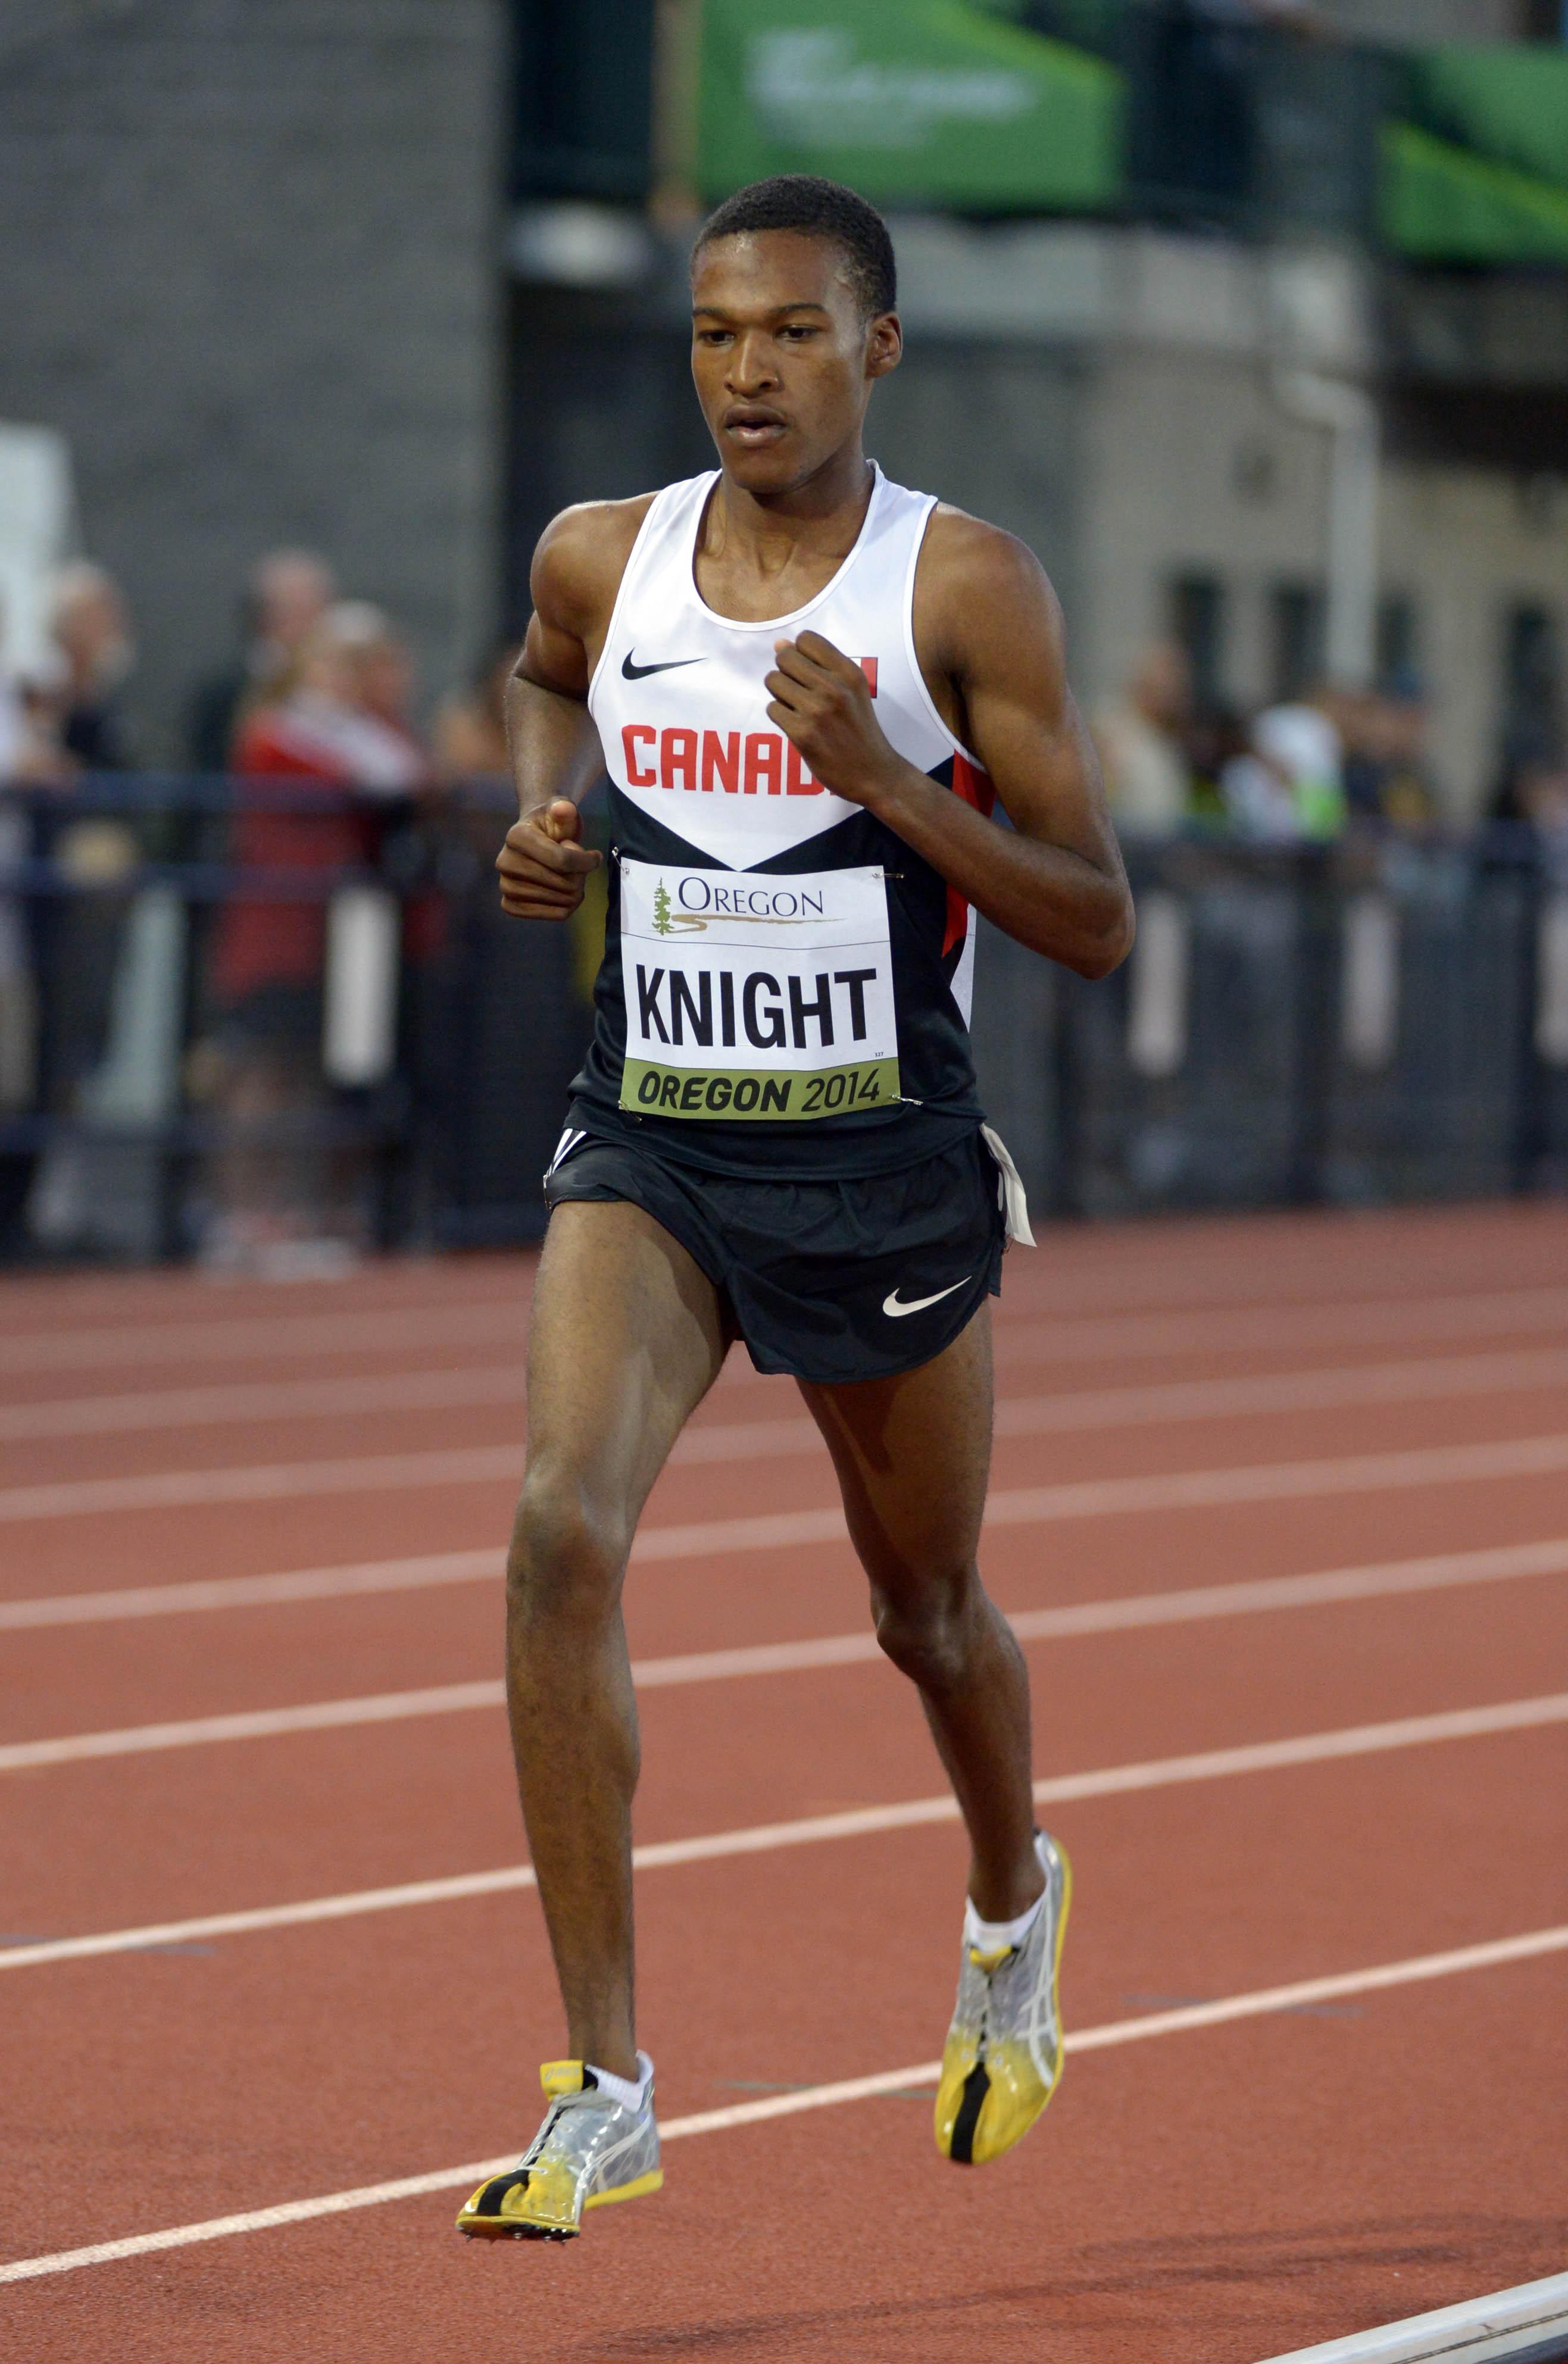 Syracuse Freshman Justyn Knight